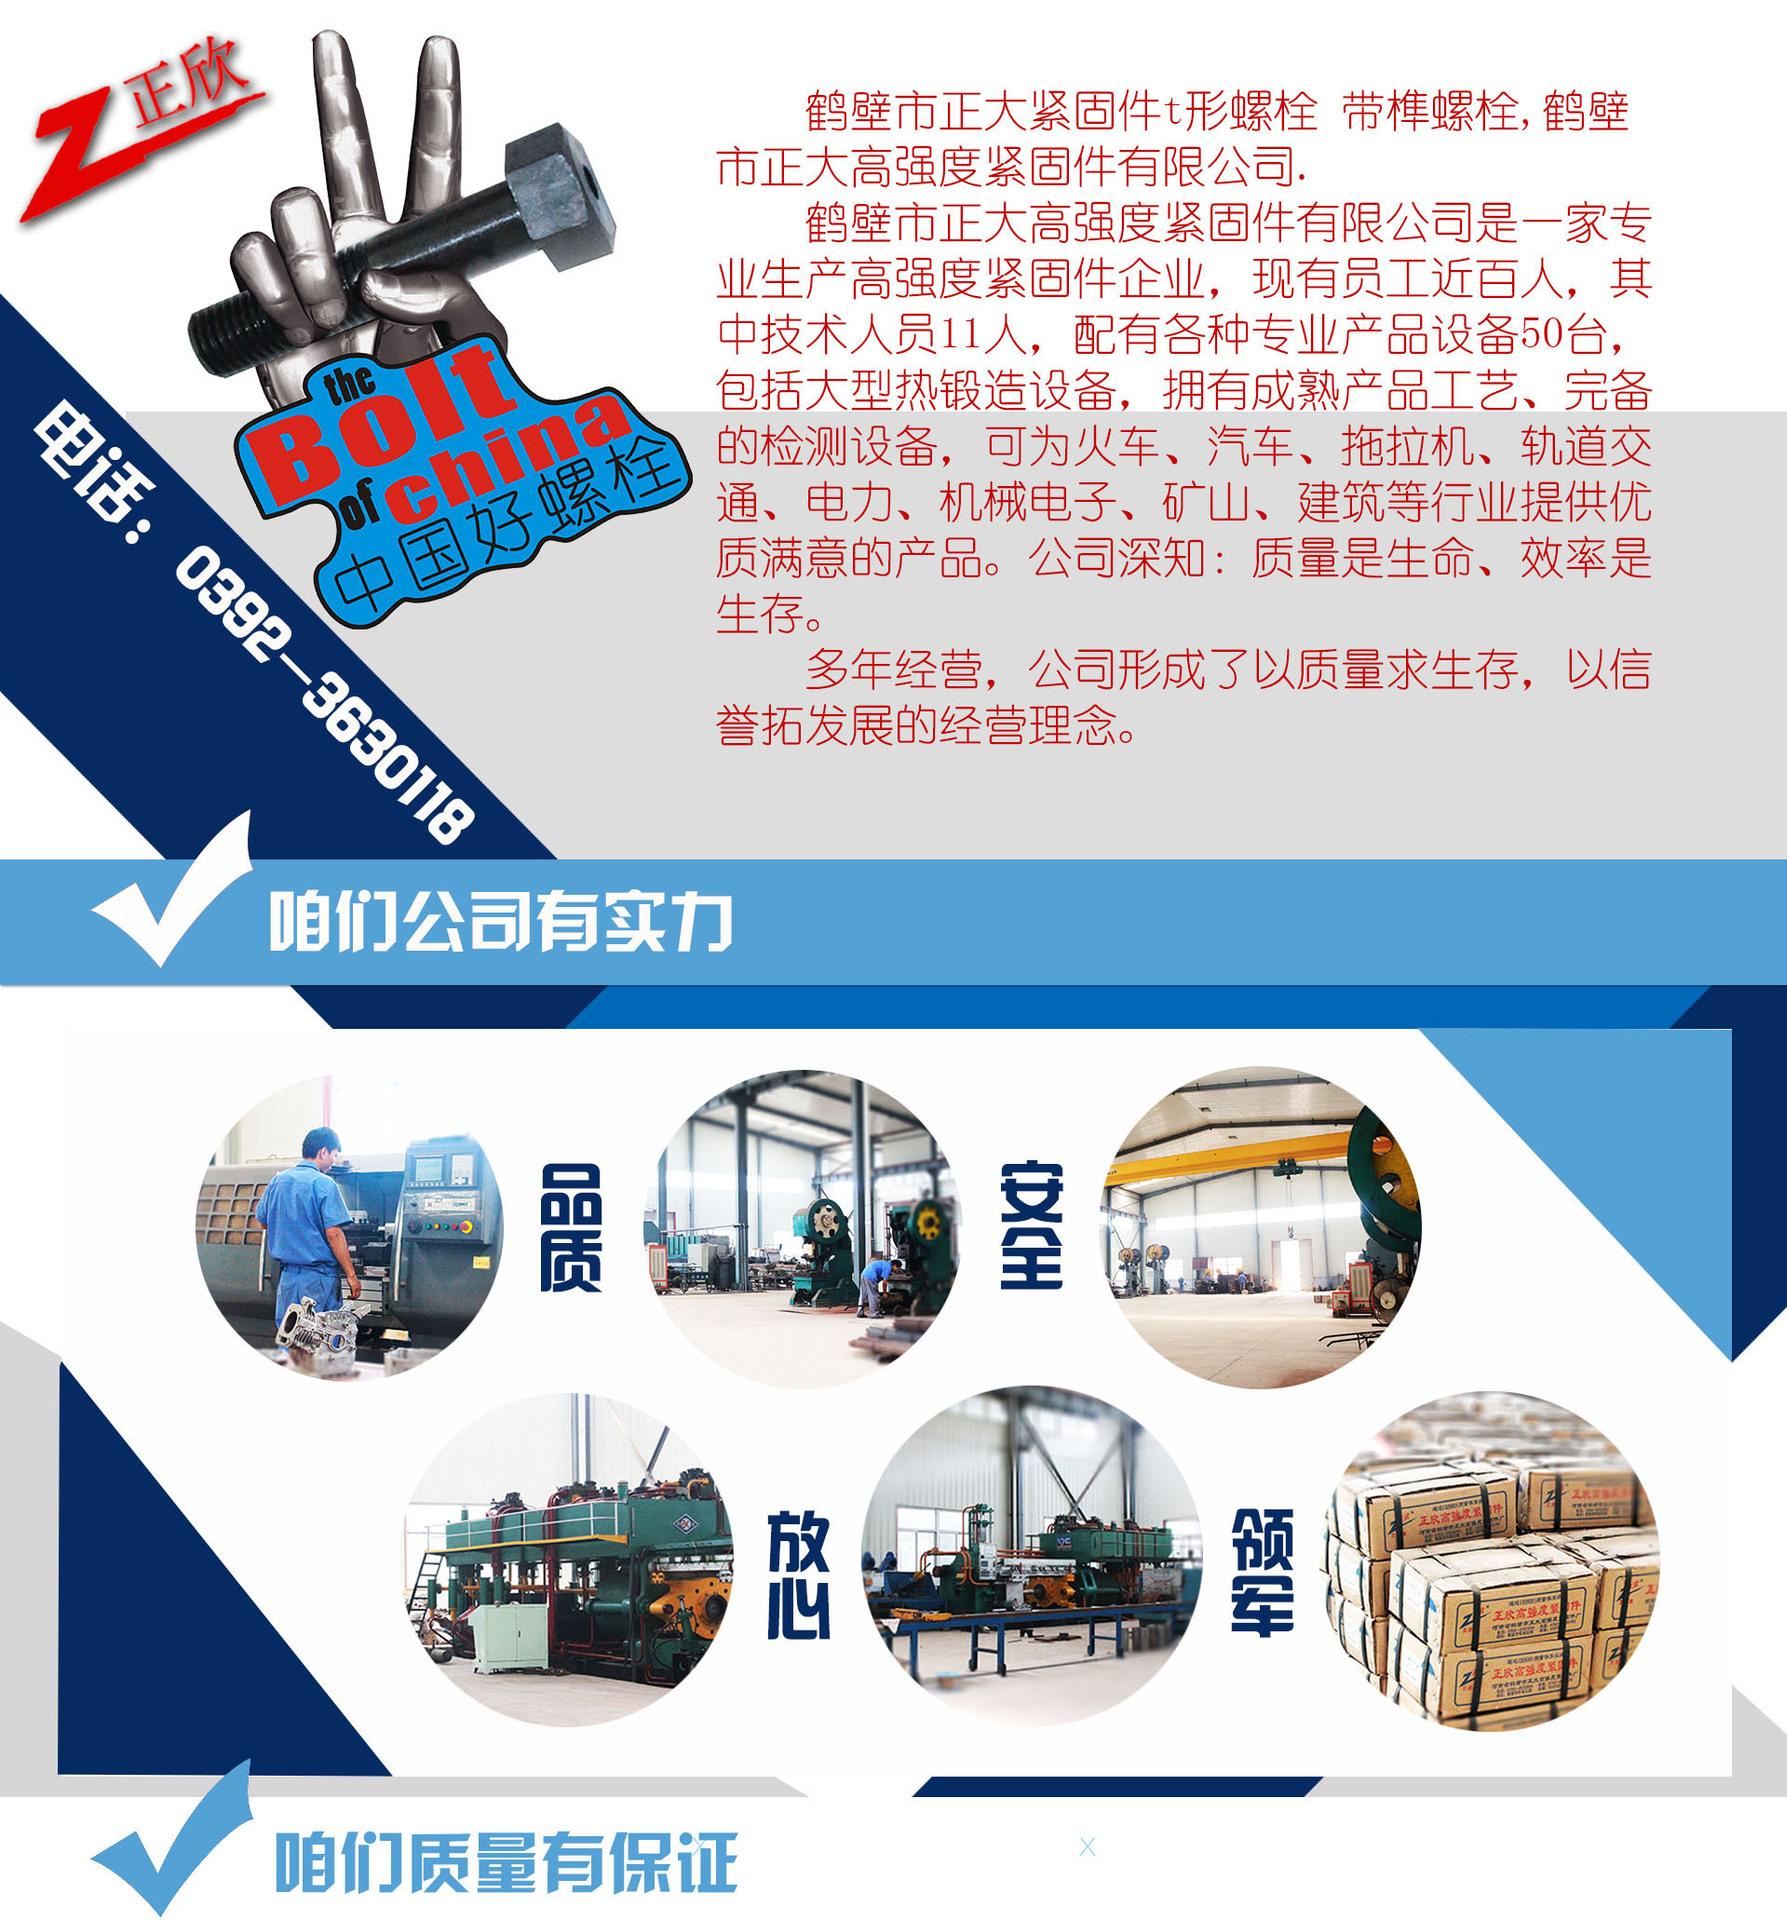 专业螺丝制造紧固件螺丝、圆头梯形高强度紧固件、 、批量